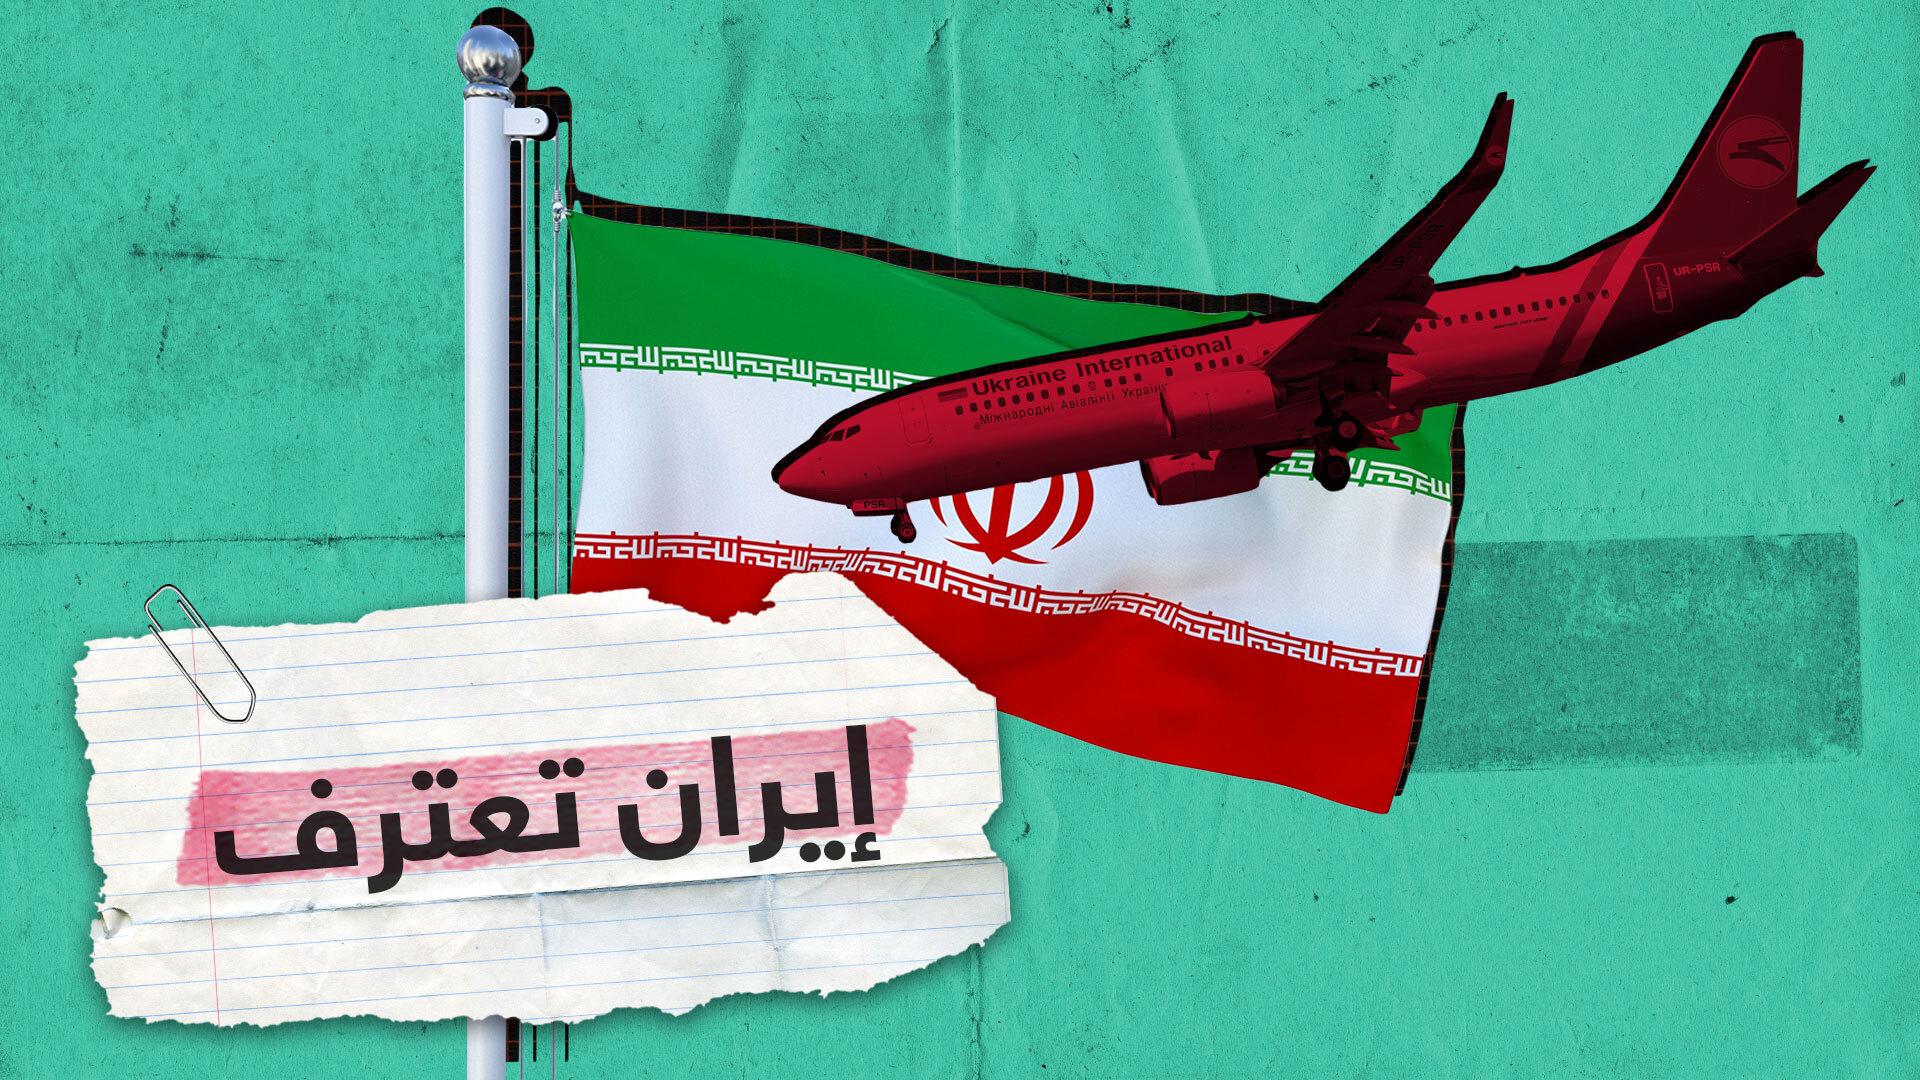 هل تعاقب إيران على إسقاطها الطائرة؟